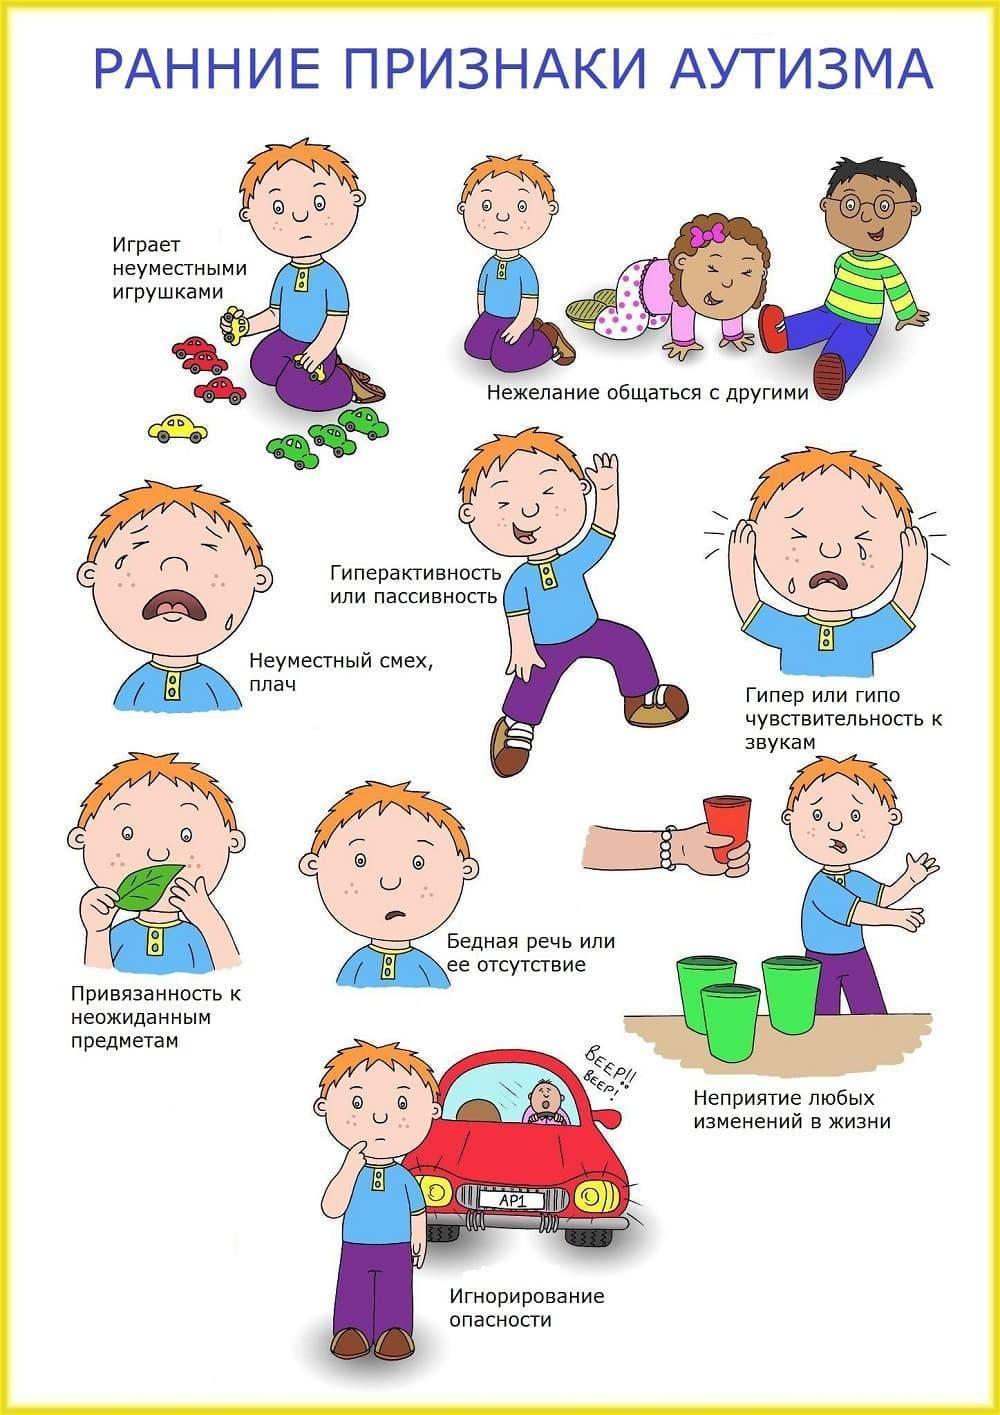 Как проявляется аутизм у ребенка? признаки аутизма для родителей. поведение ребенка с аутизмом